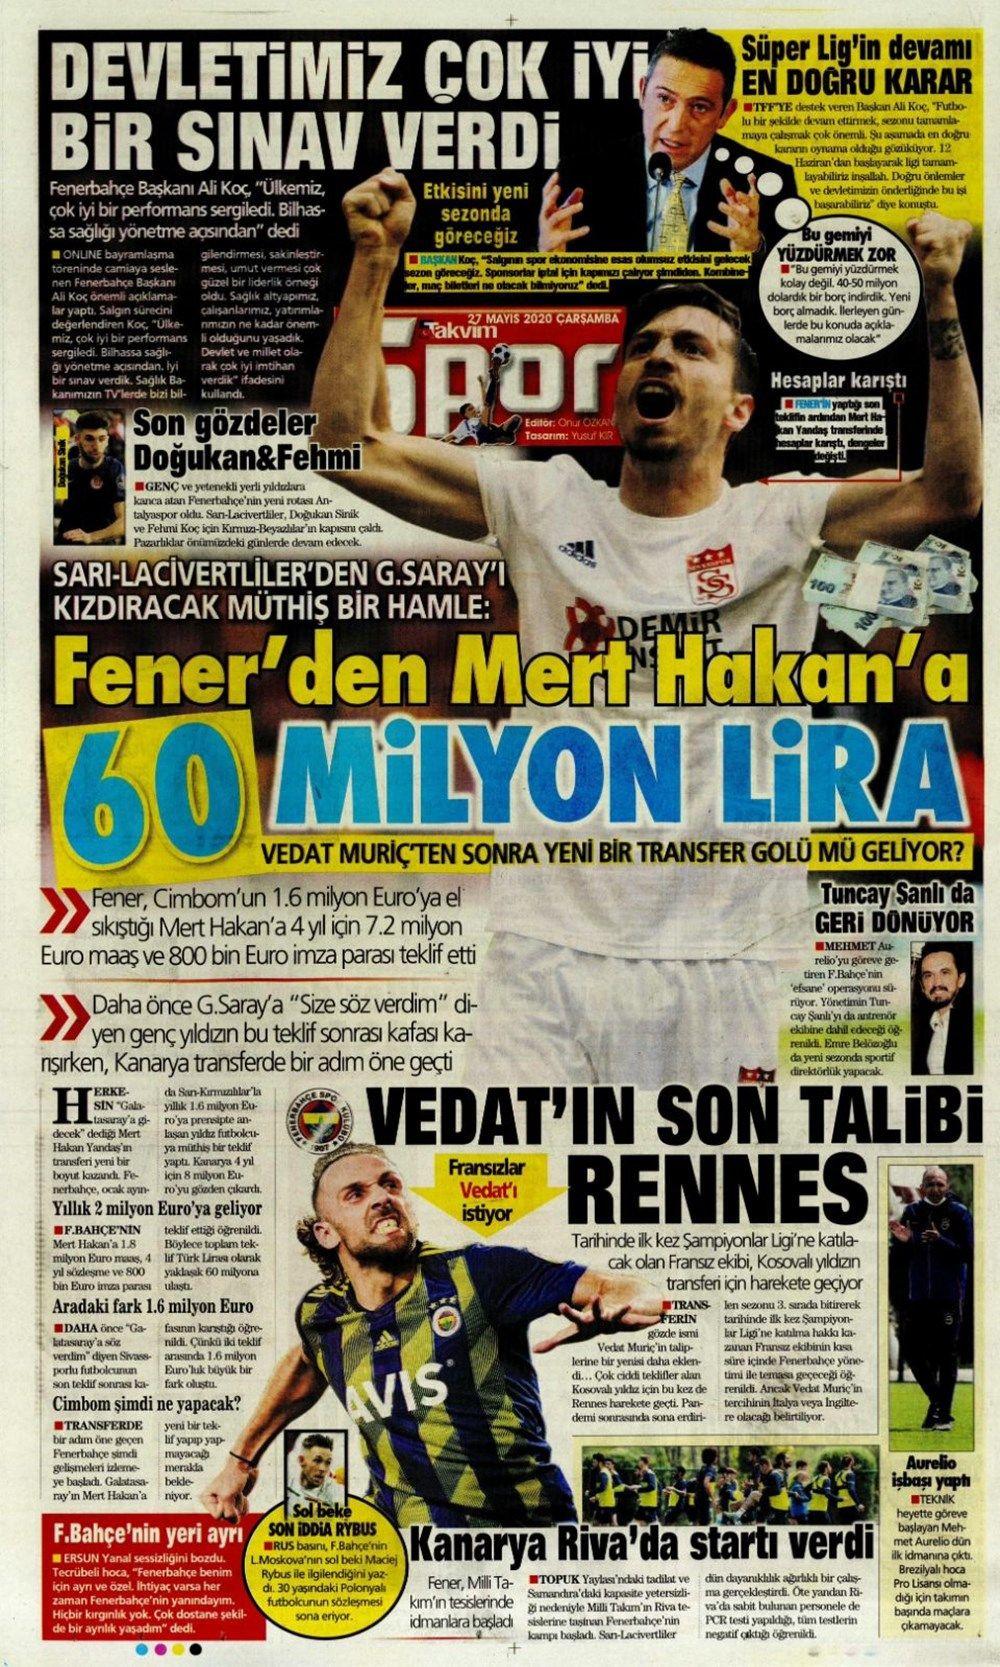 Spor gazetelerinin 27 Mayıs manşetleri - Sayfa 1